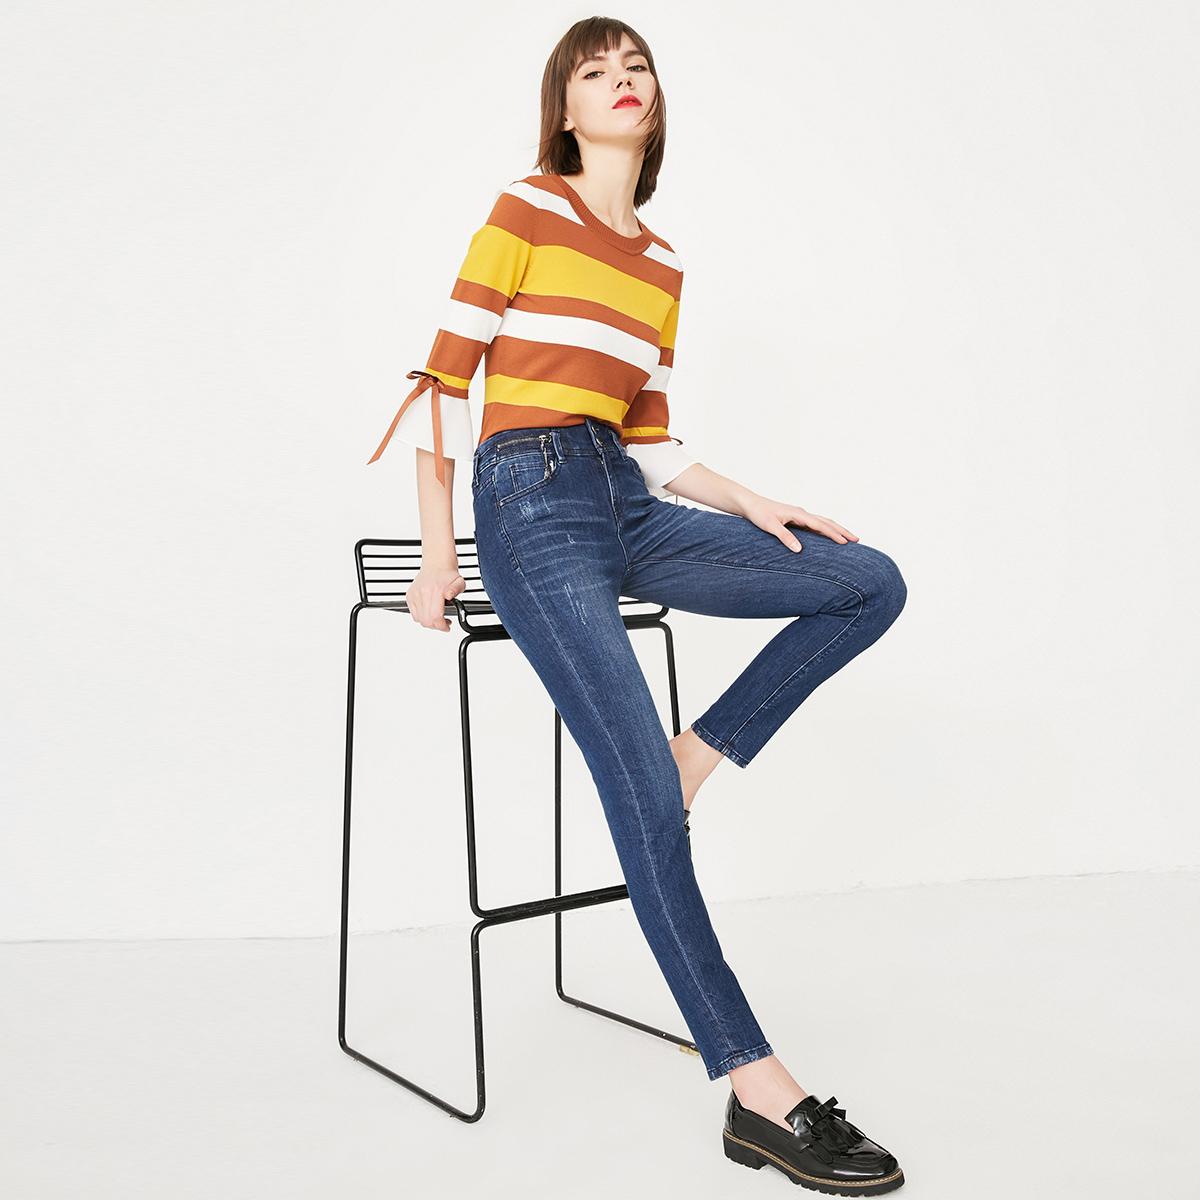 修身破洞牛仔裤 ONLY新款破洞修身显瘦牛仔长裤女 117132532_推荐淘宝好看的女修身破洞牛仔裤